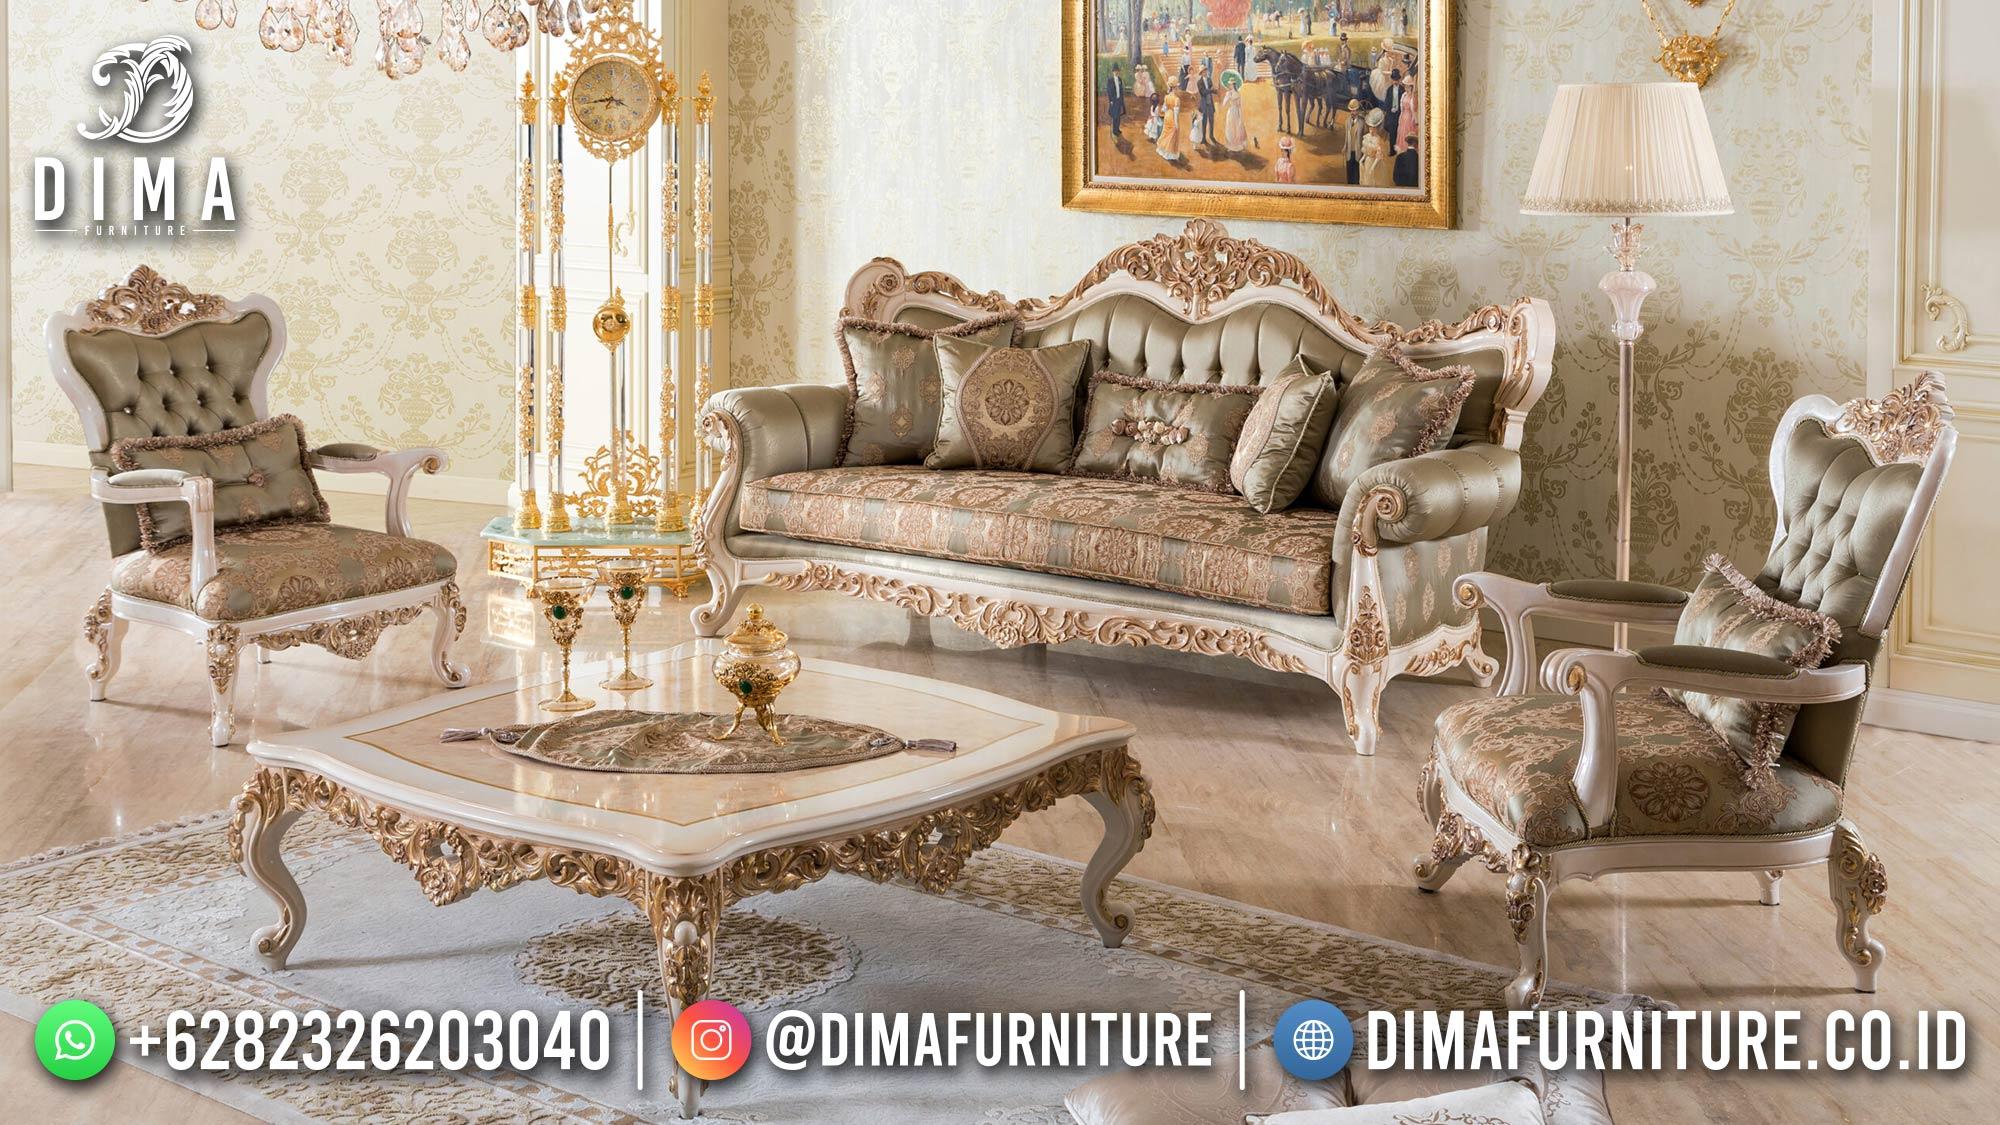 Classic Luxury Sofa Tamu Mewah Ukir Jepara Great Design ST-1430